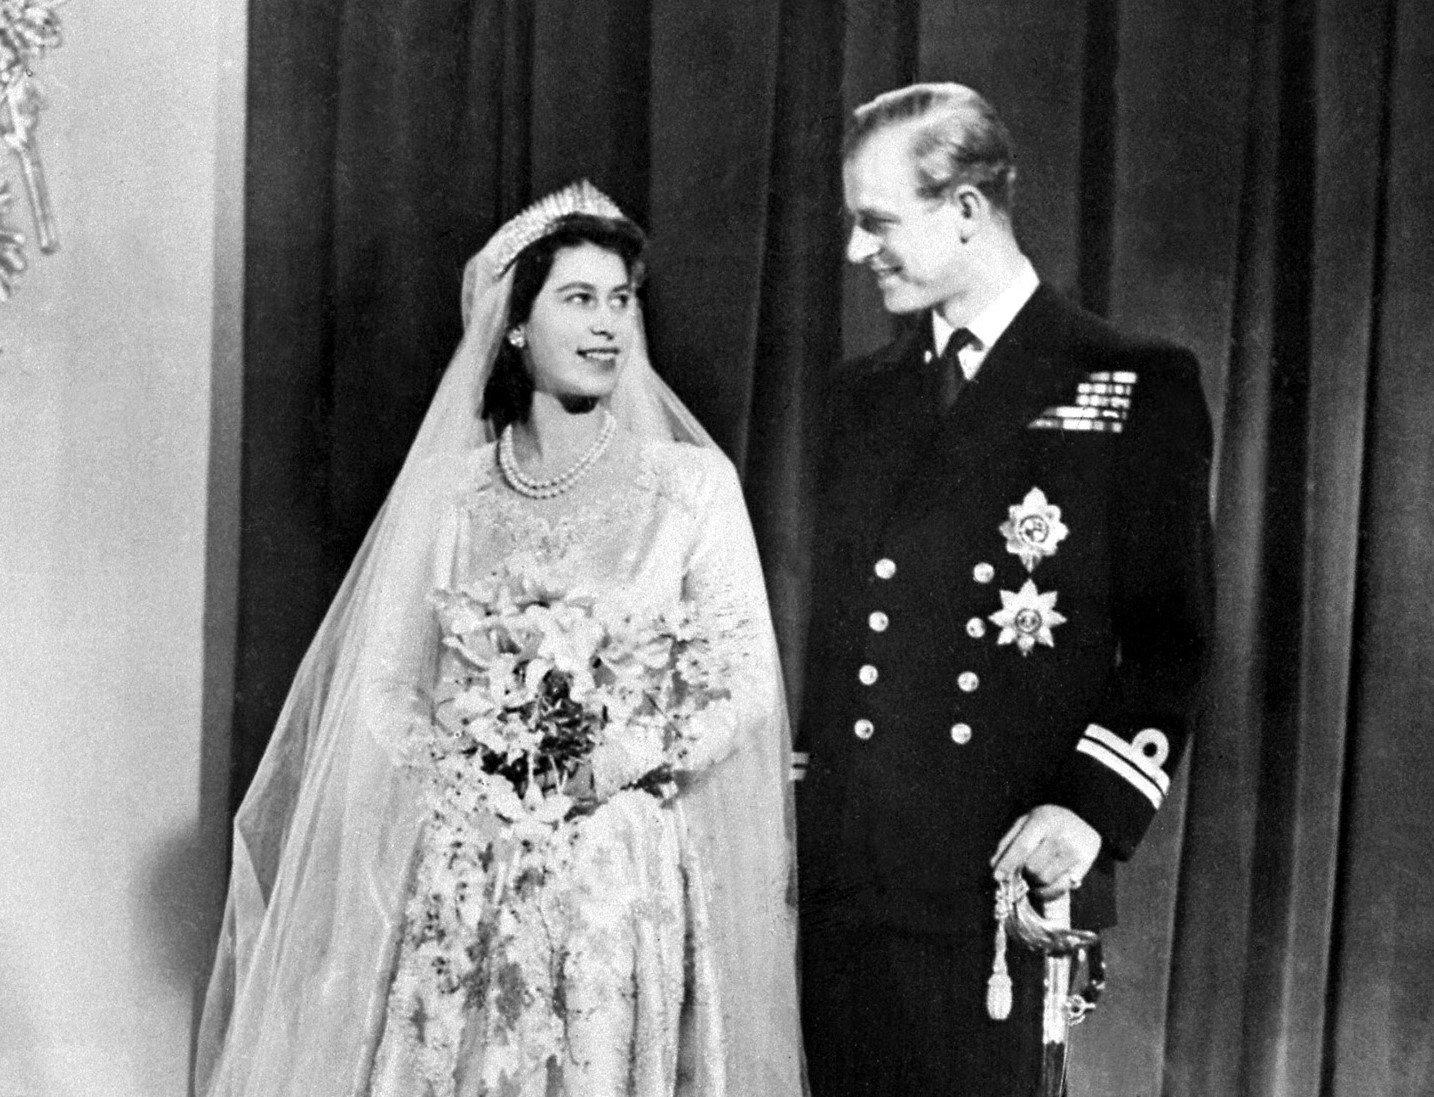 Princess/Queen Elizabeth II Wedding to Prince Phillip